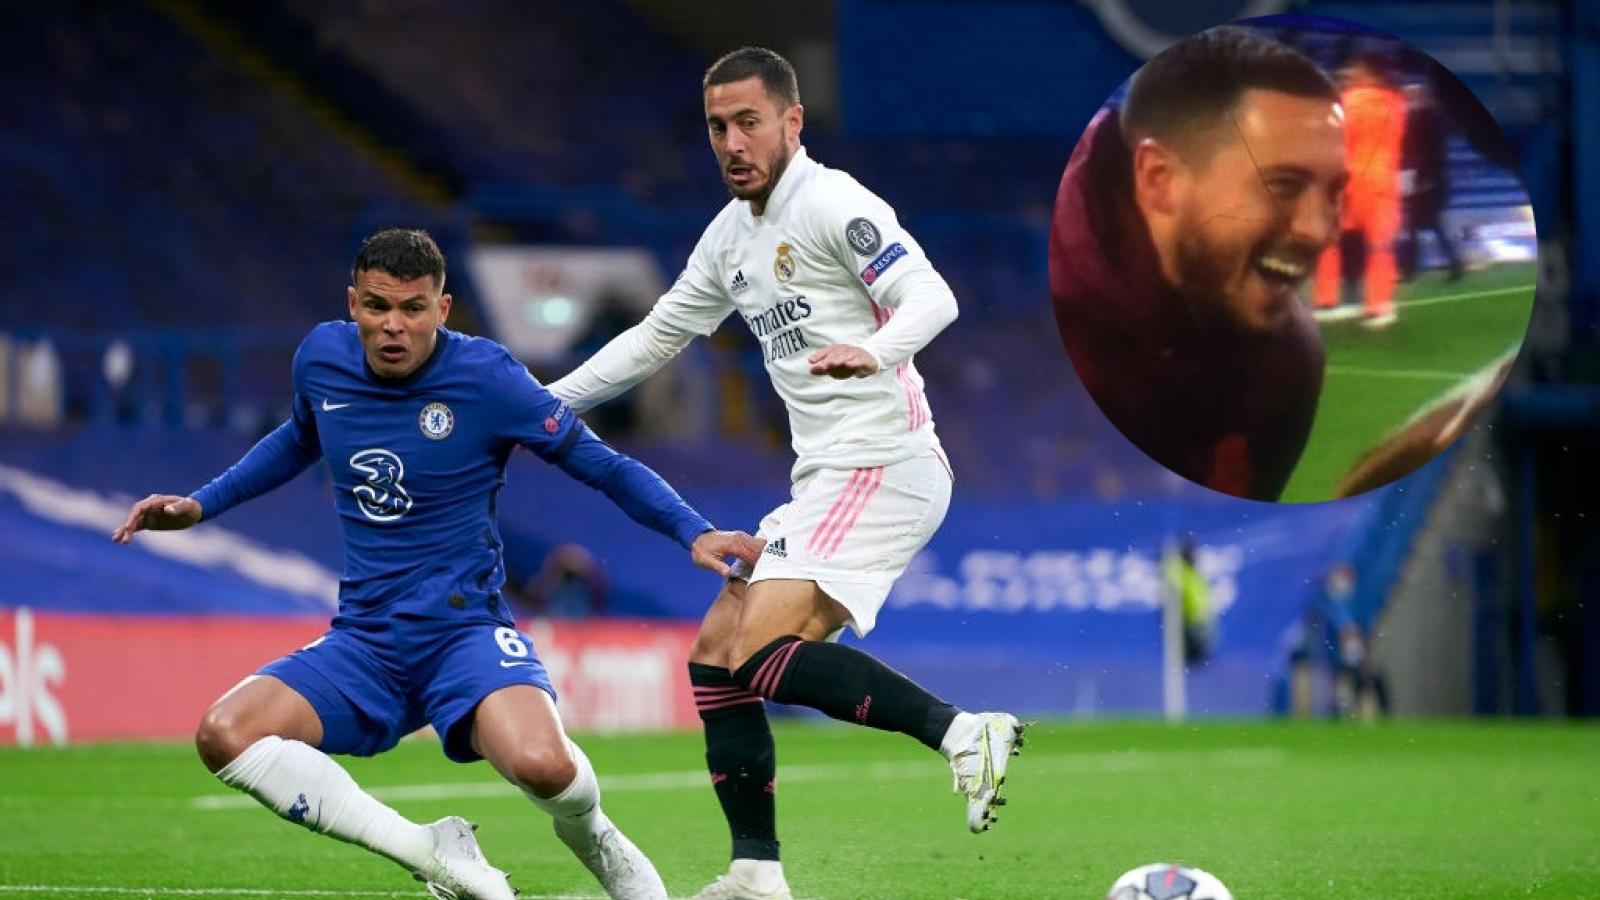 Hazard xin lỗi cổ động viên sau hành vi quá lố, quyết sửa sai ở La Liga